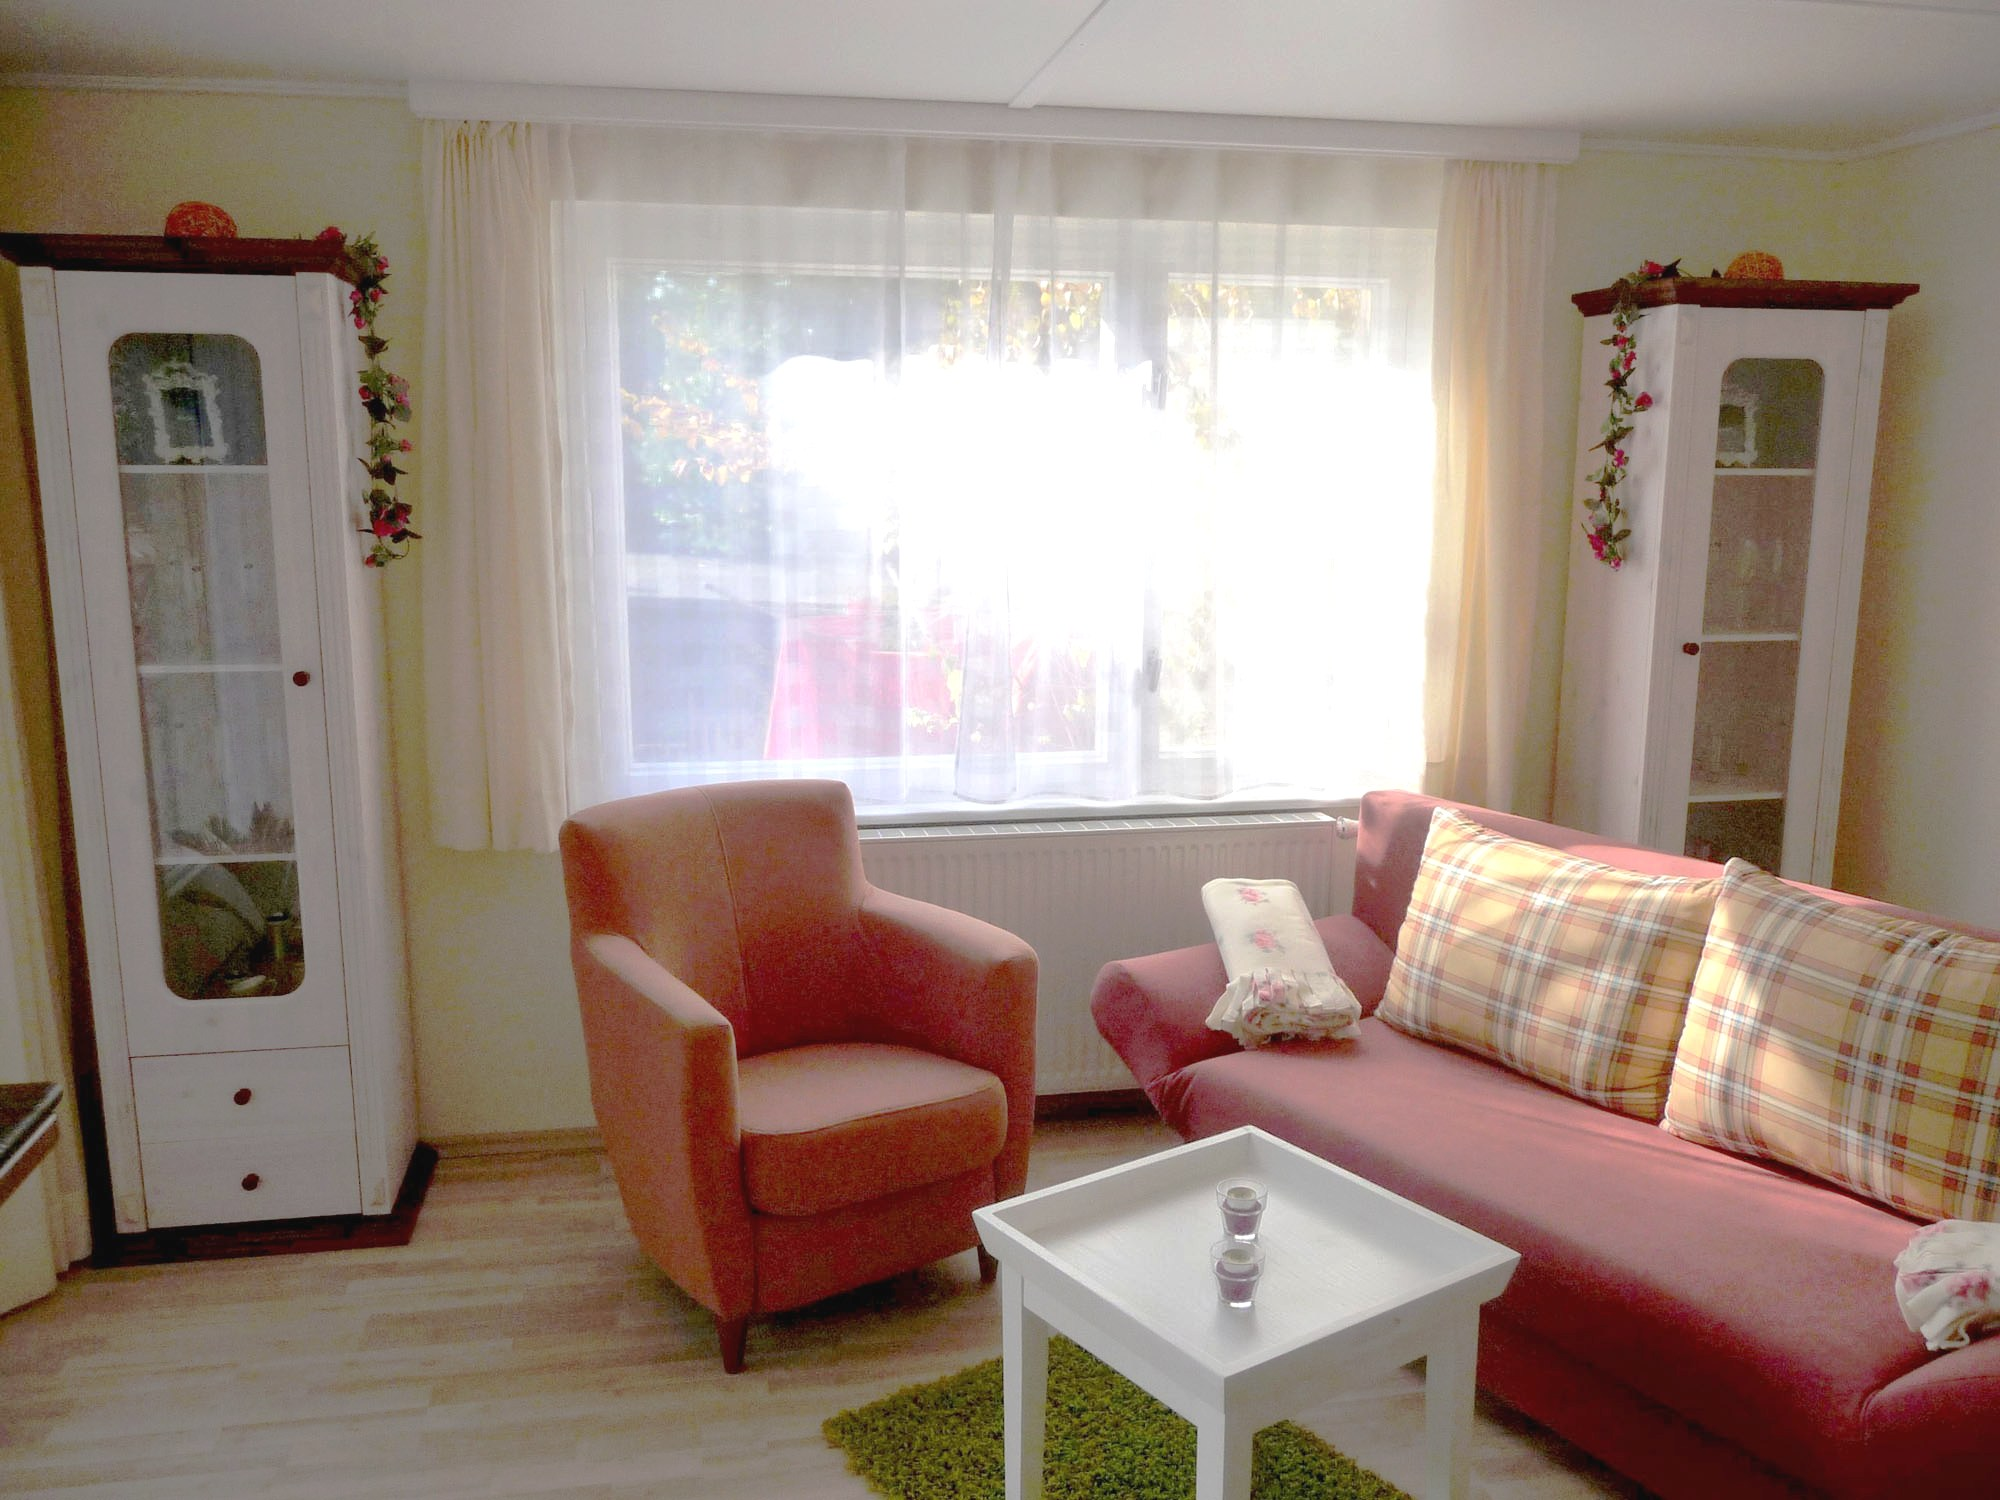 Die bequeme Sitzecke in warmen Terrakotta-Farben lädt nicht nur zum Verweilen  ein, sie bietet auch den Schlafplatz für zwei Personen. Lassen Sie auf der Couch die Seele baumeln und genießen Sie dabei den Blick über die Sonnenterrasse.